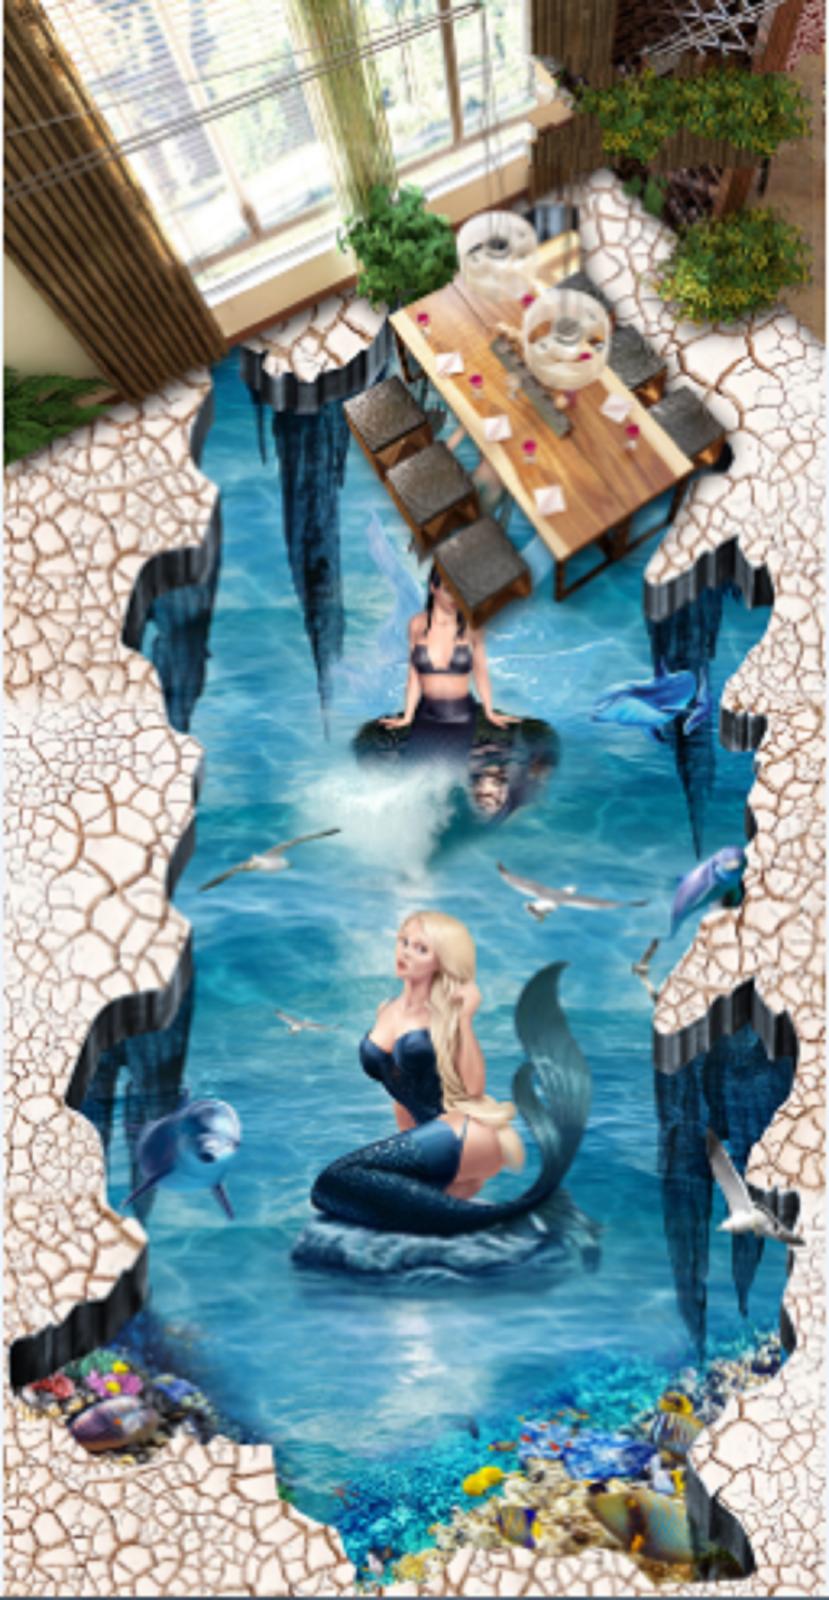 3D Sea Princess 5 Floor WallPaper Murals Wall Print Decal AJ WALLPAPER US Summer